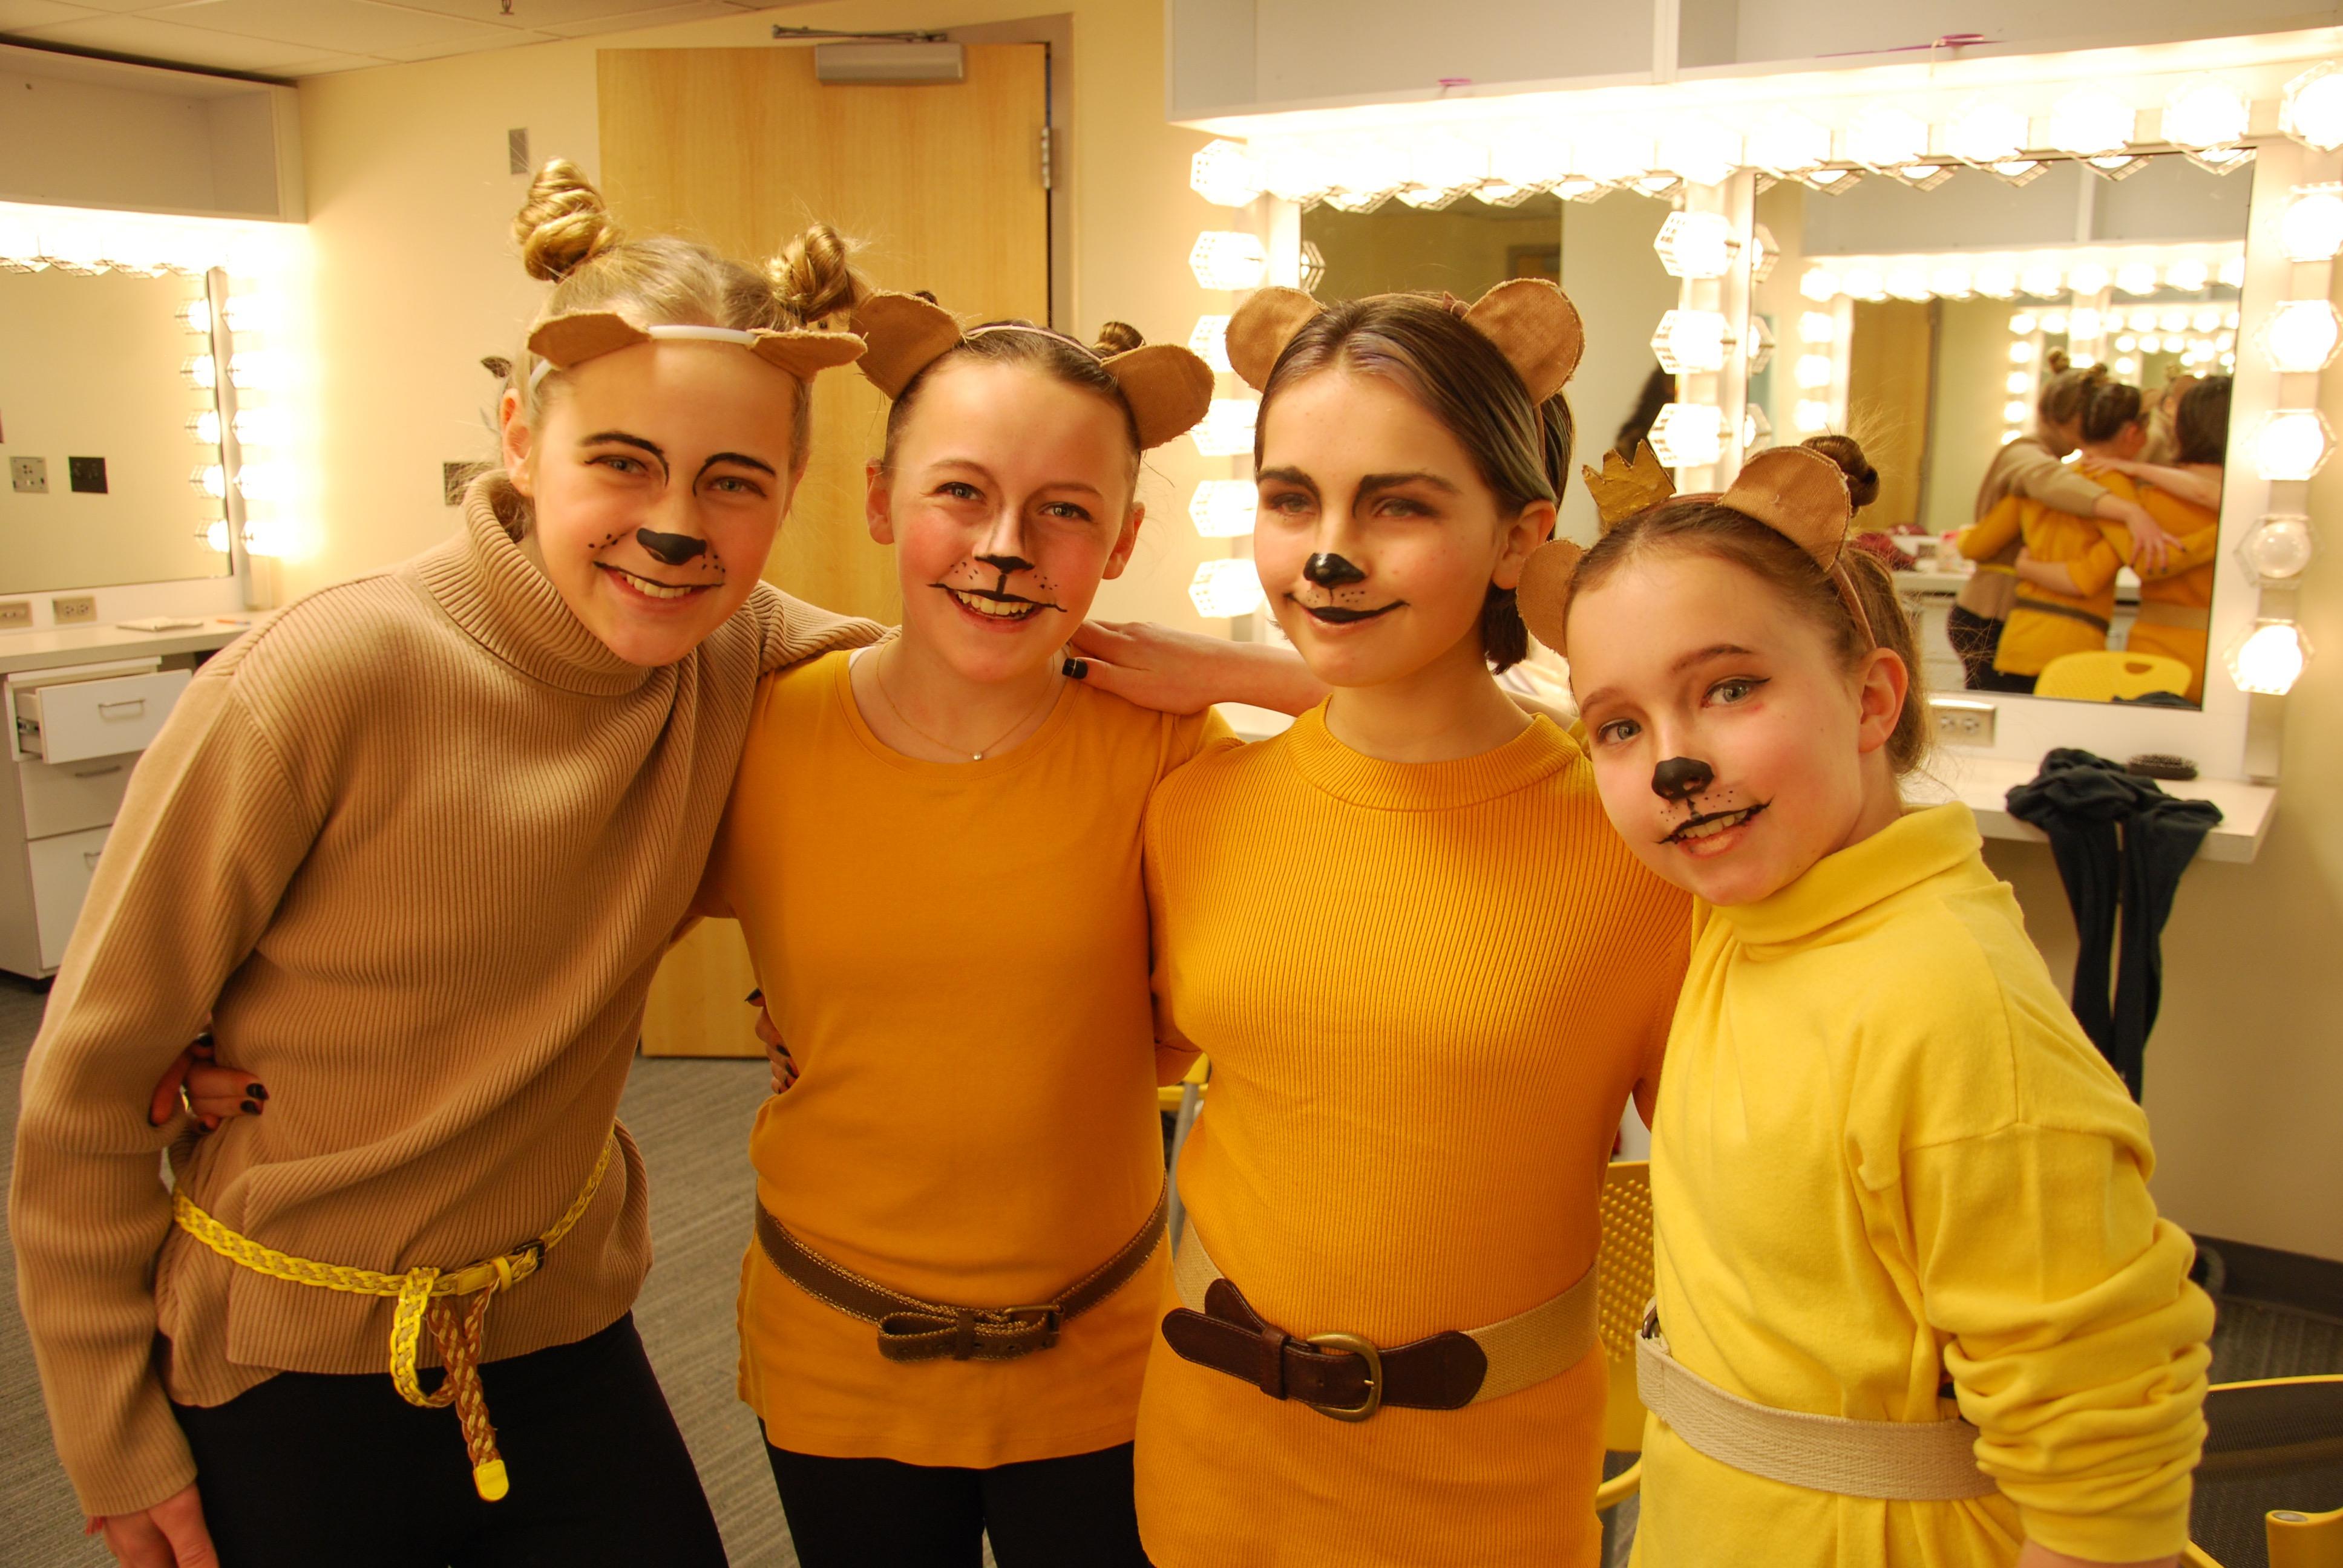 Pine Cobble School Lion King Jr Musical Cast Pinecobble